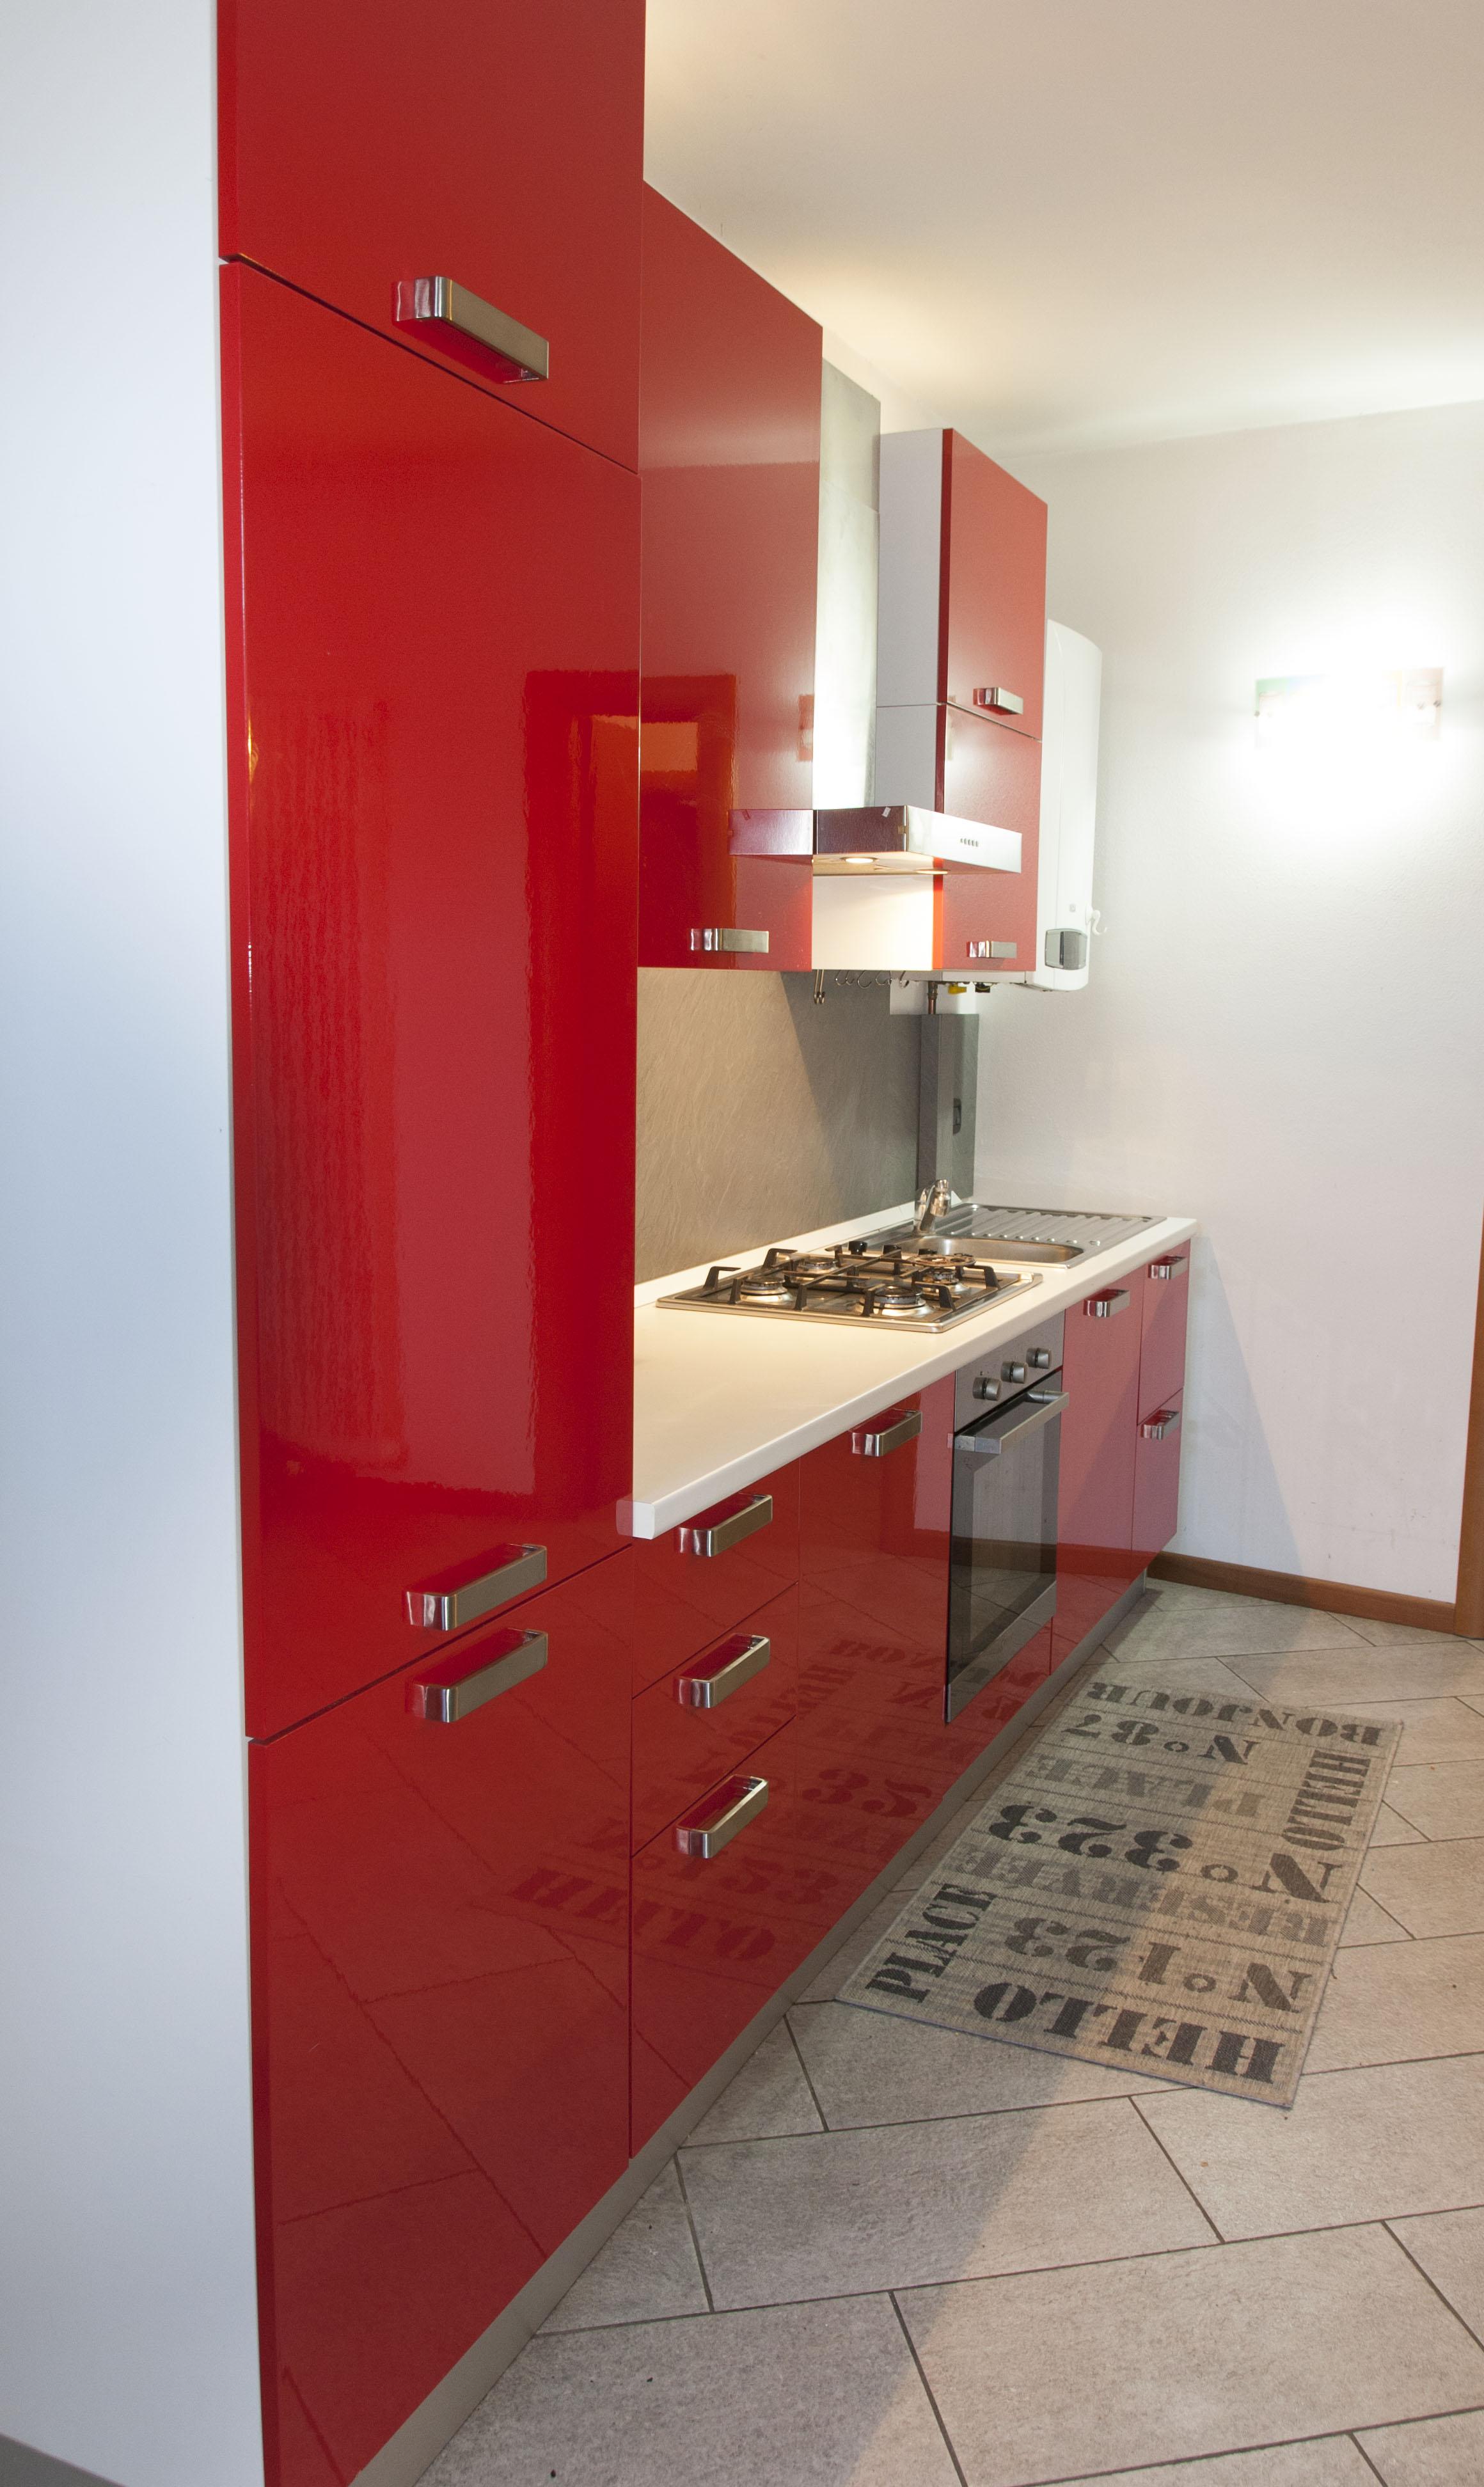 Cral cariparma cucina ricci casa di colore rosso laccato - Ricci casa piacenza ...